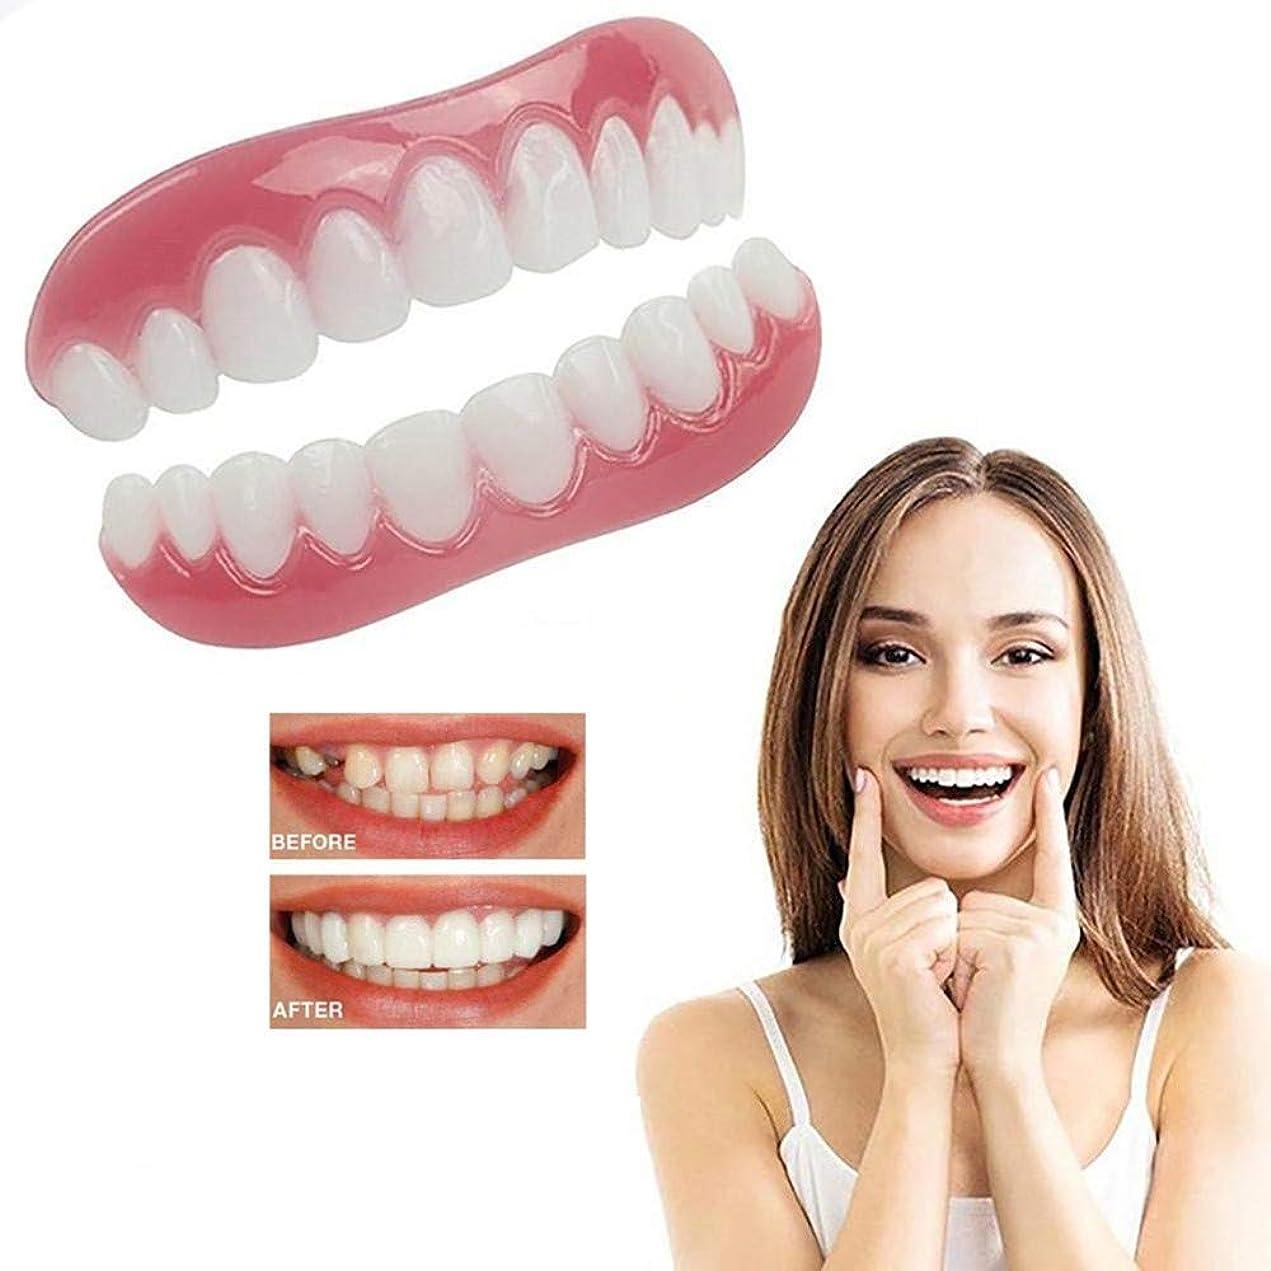 ゲインセイブラジャー所有権ホワイトニングシリコンブレース歯の上下を瞬時に微笑みベニヤの快適な化粧品すべての義歯ケアツールに適しています,4pairs